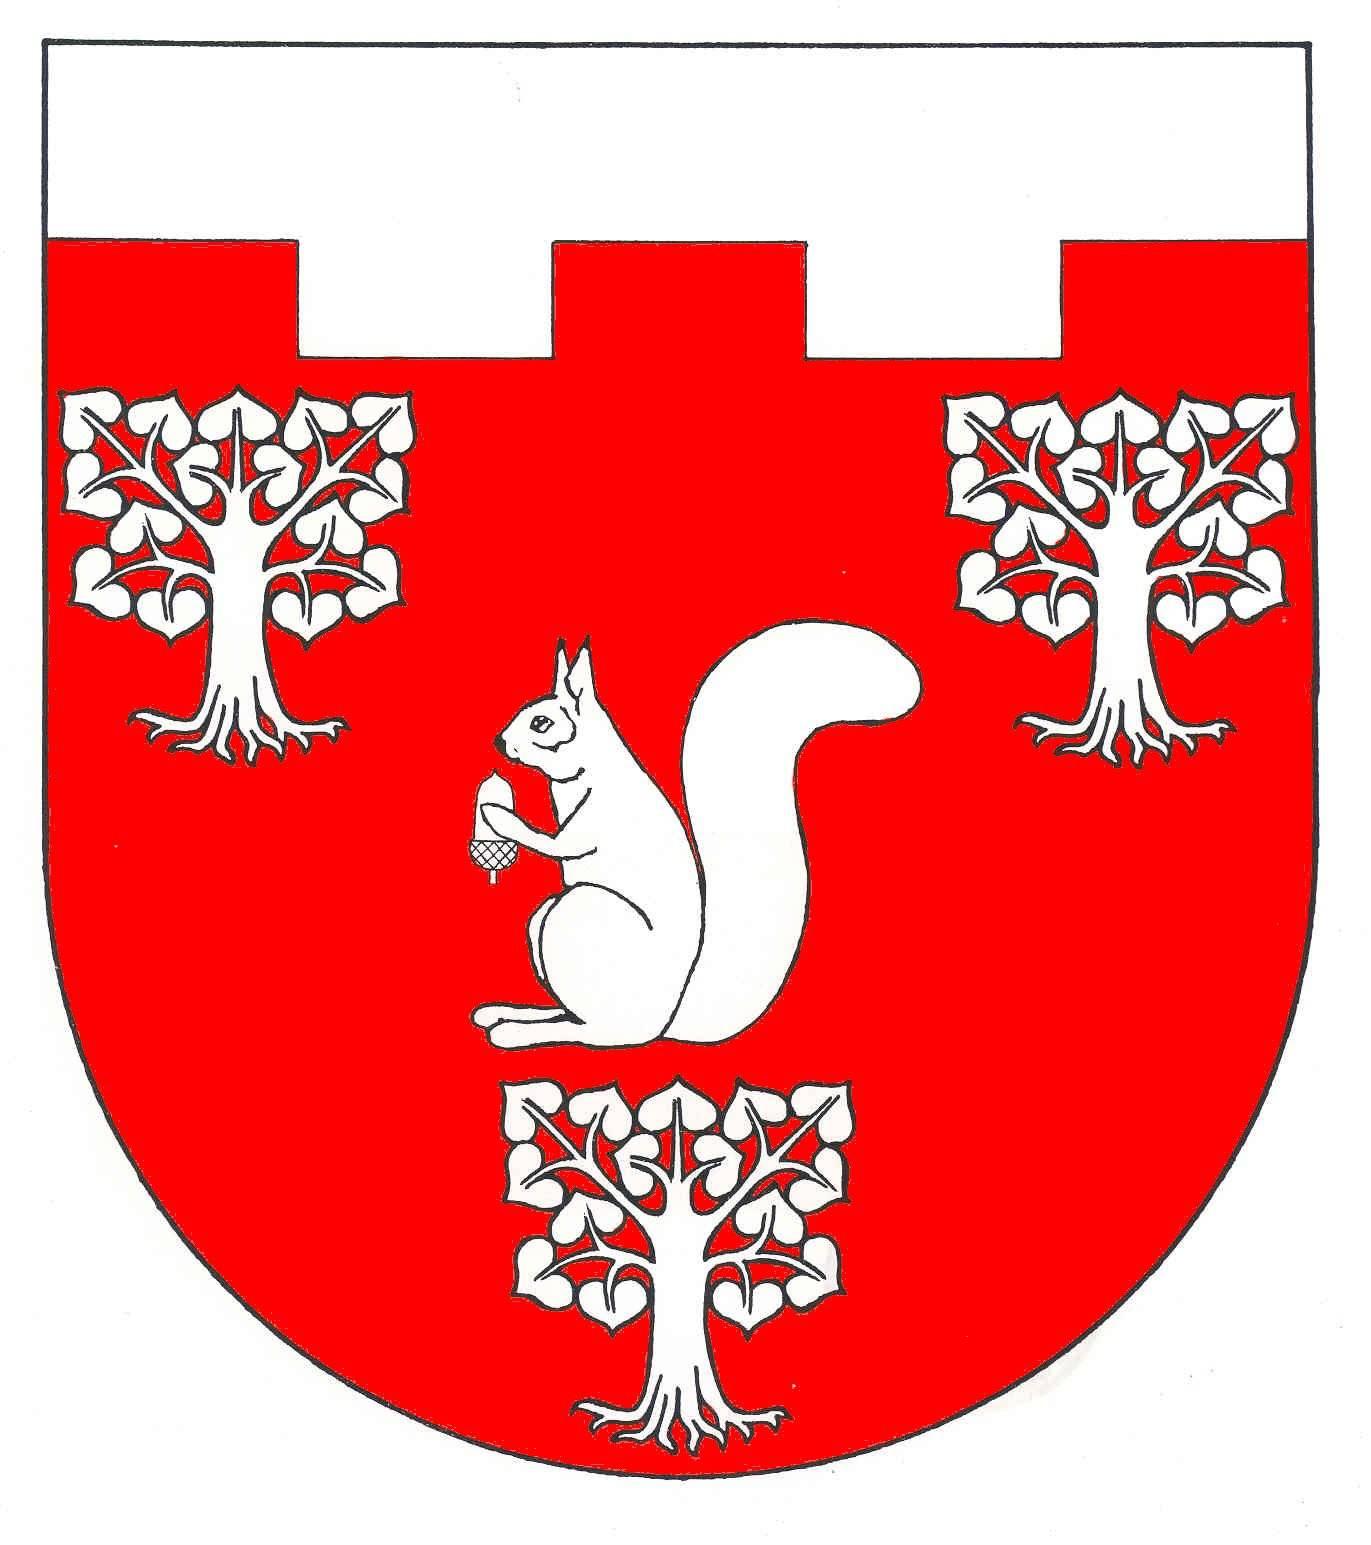 Wappen GemeindeEmkendorf, Kreis Rendsburg-Eckernförde